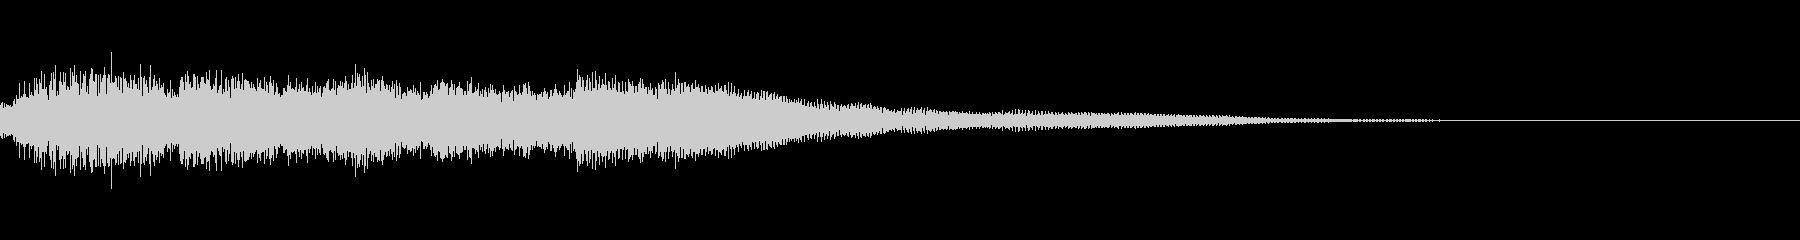 ロゴの昇順の未再生の波形